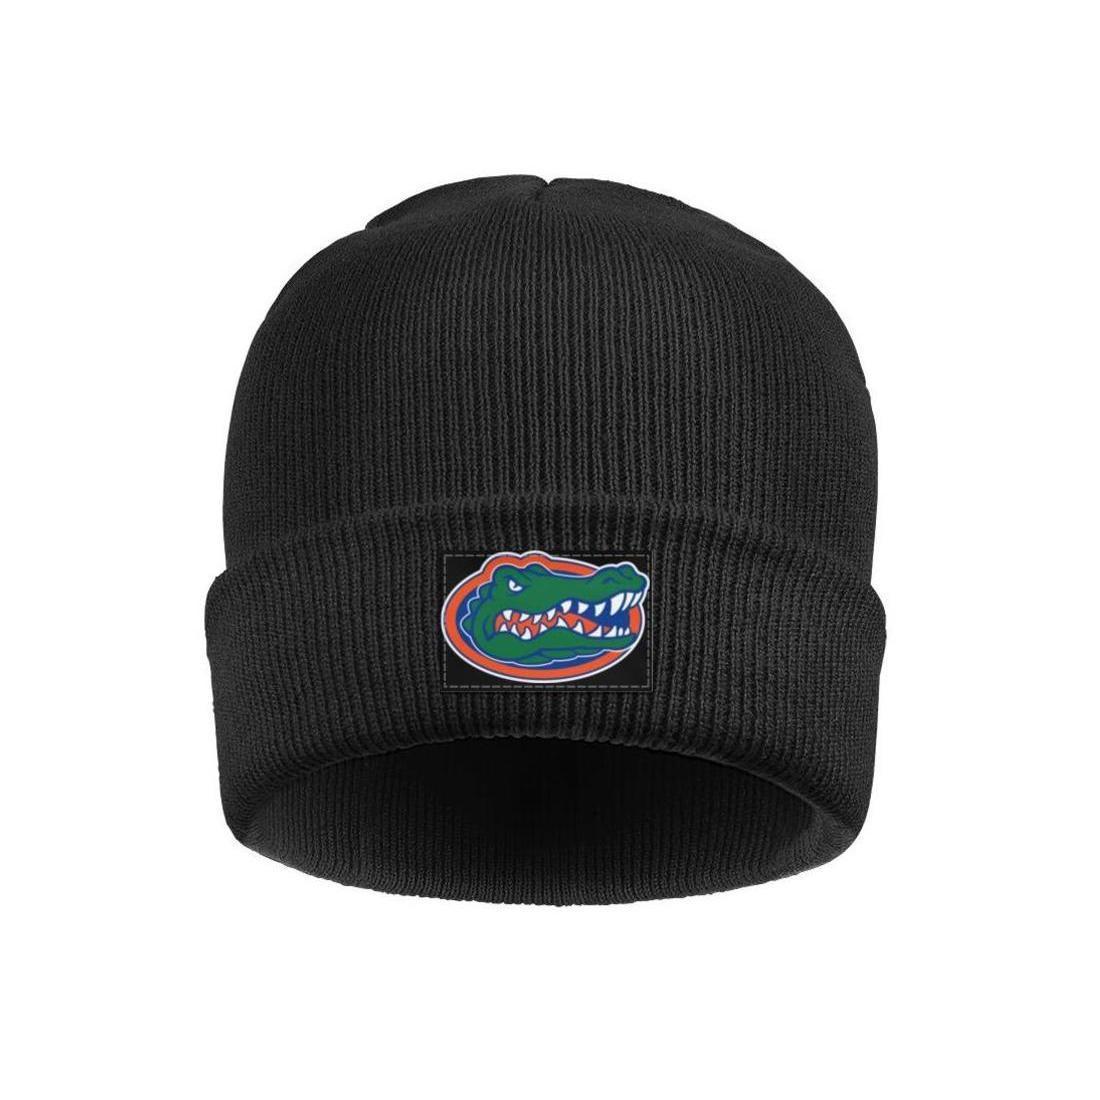 Mens Женщина Florida Gators футбола логотип Warm Wool Cap зимних вязание шапочка шляпа белого круглый логотип камуфляж